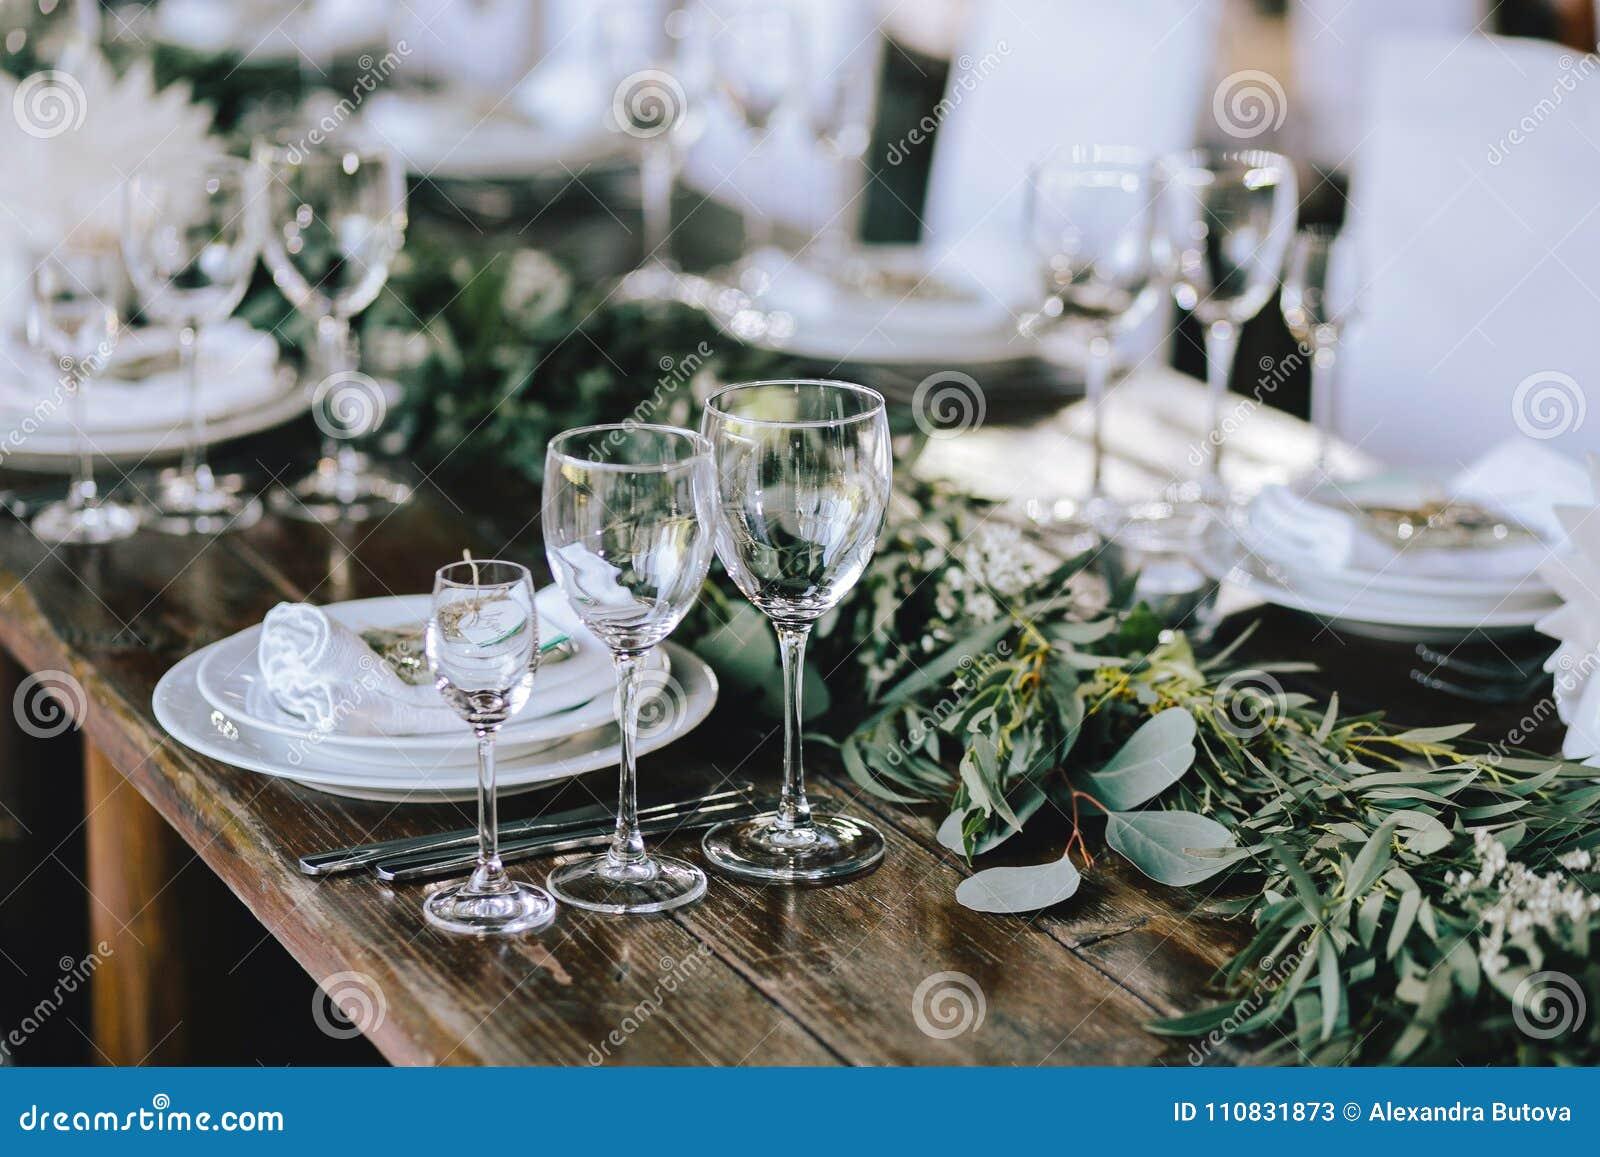 Verzierte elegante hölzerne Hochzeitstafel in der rustikalen Art mit Eukalyptus und Blumen, Porzellanplatten, Gläser, Servietten